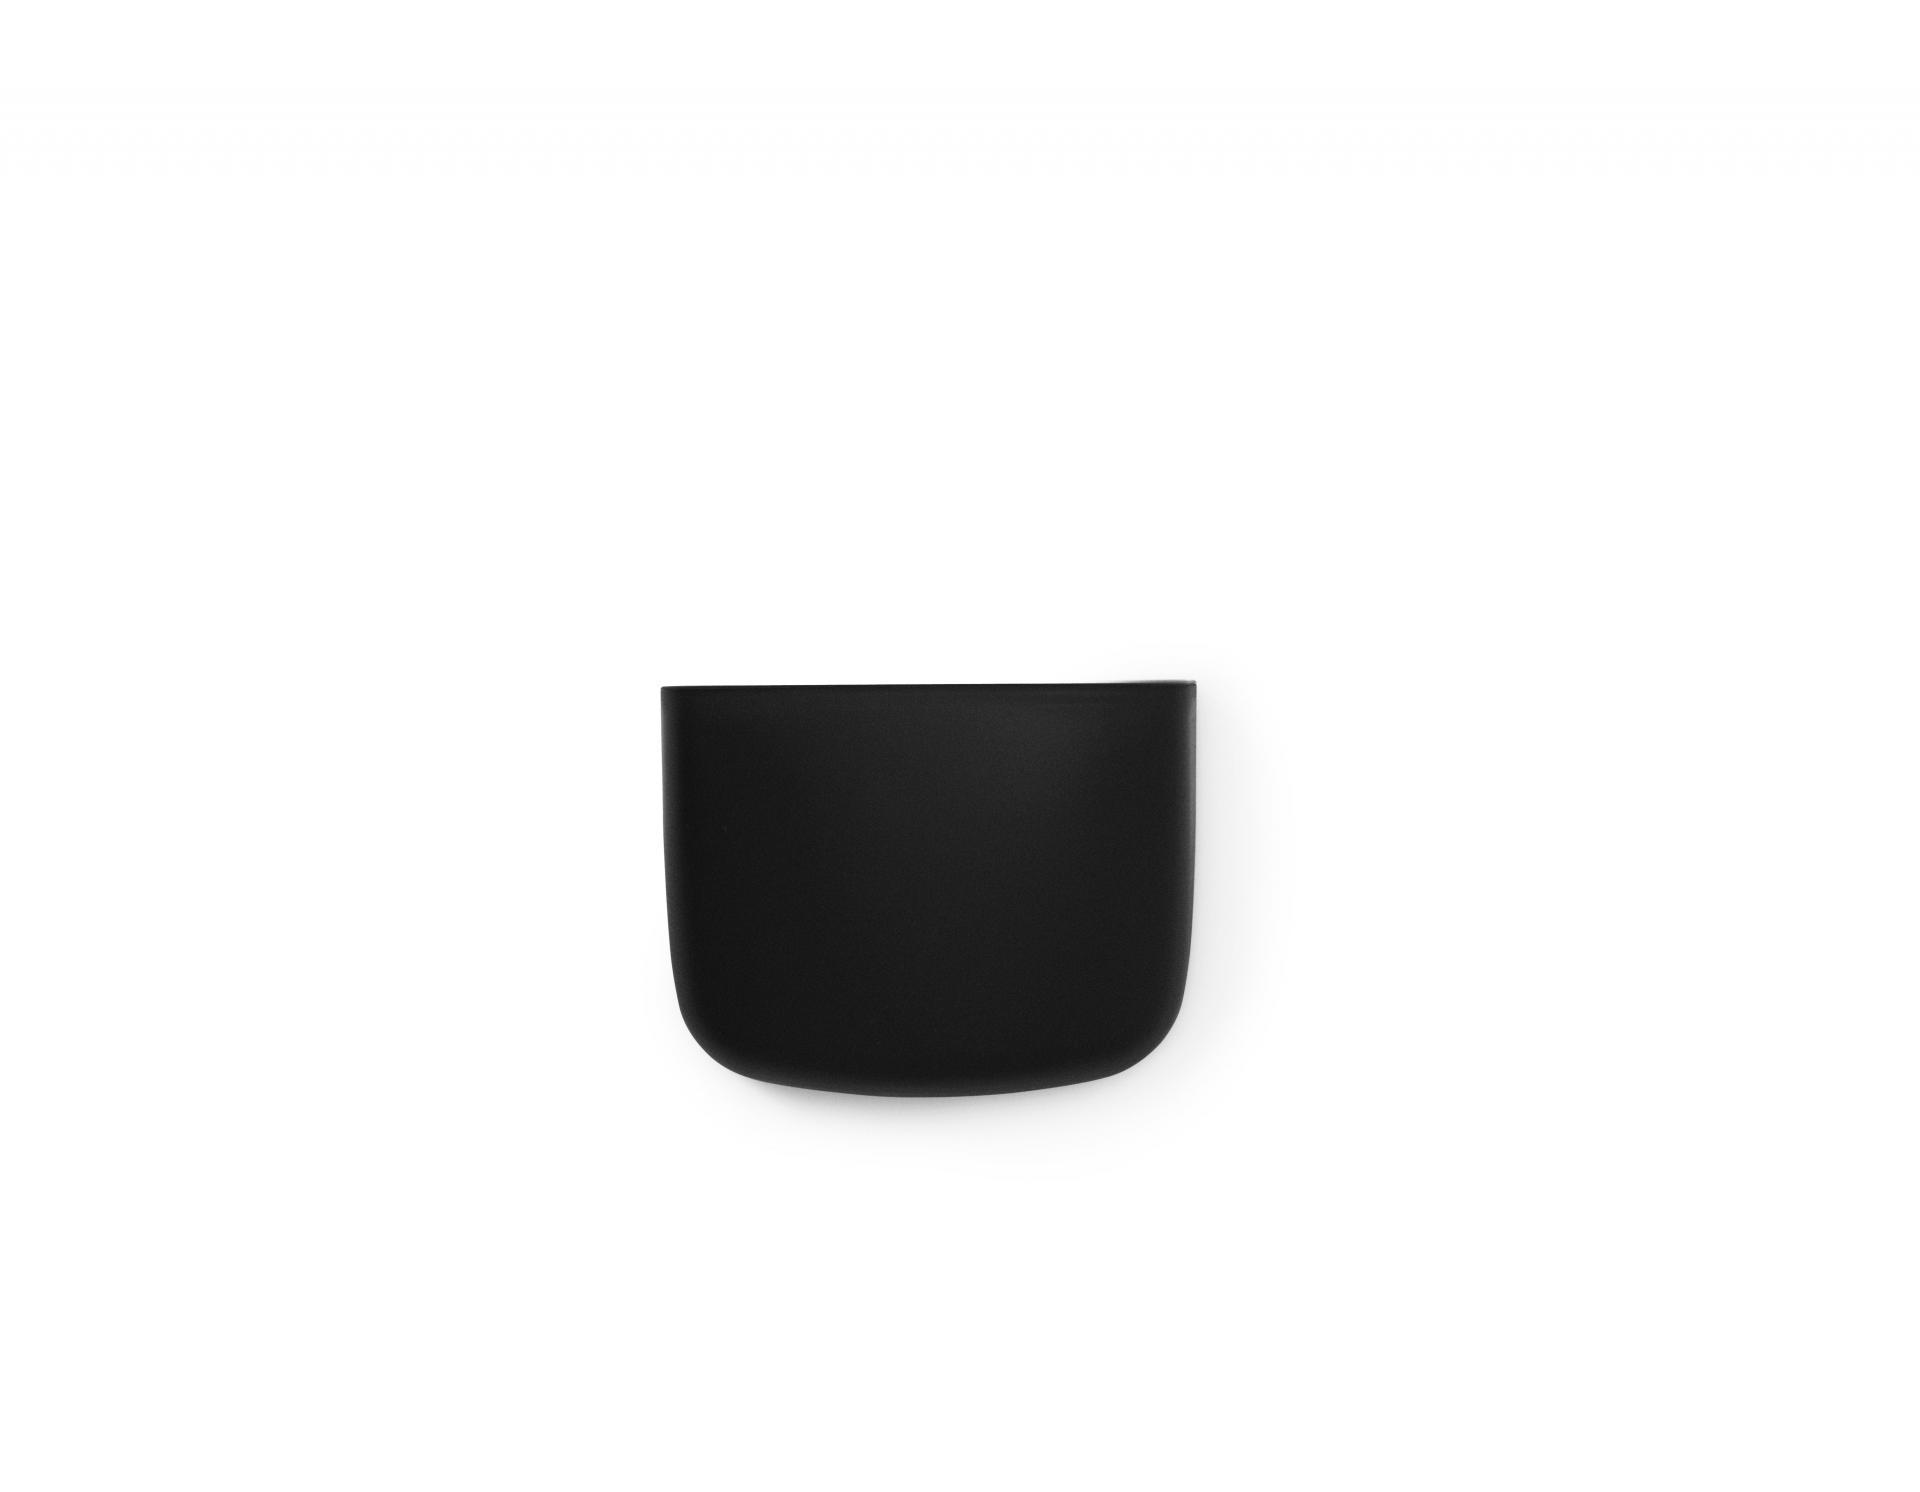 normann COPENHAGEN Nástěnný organizér Black Pocket 2, černá barva, plast